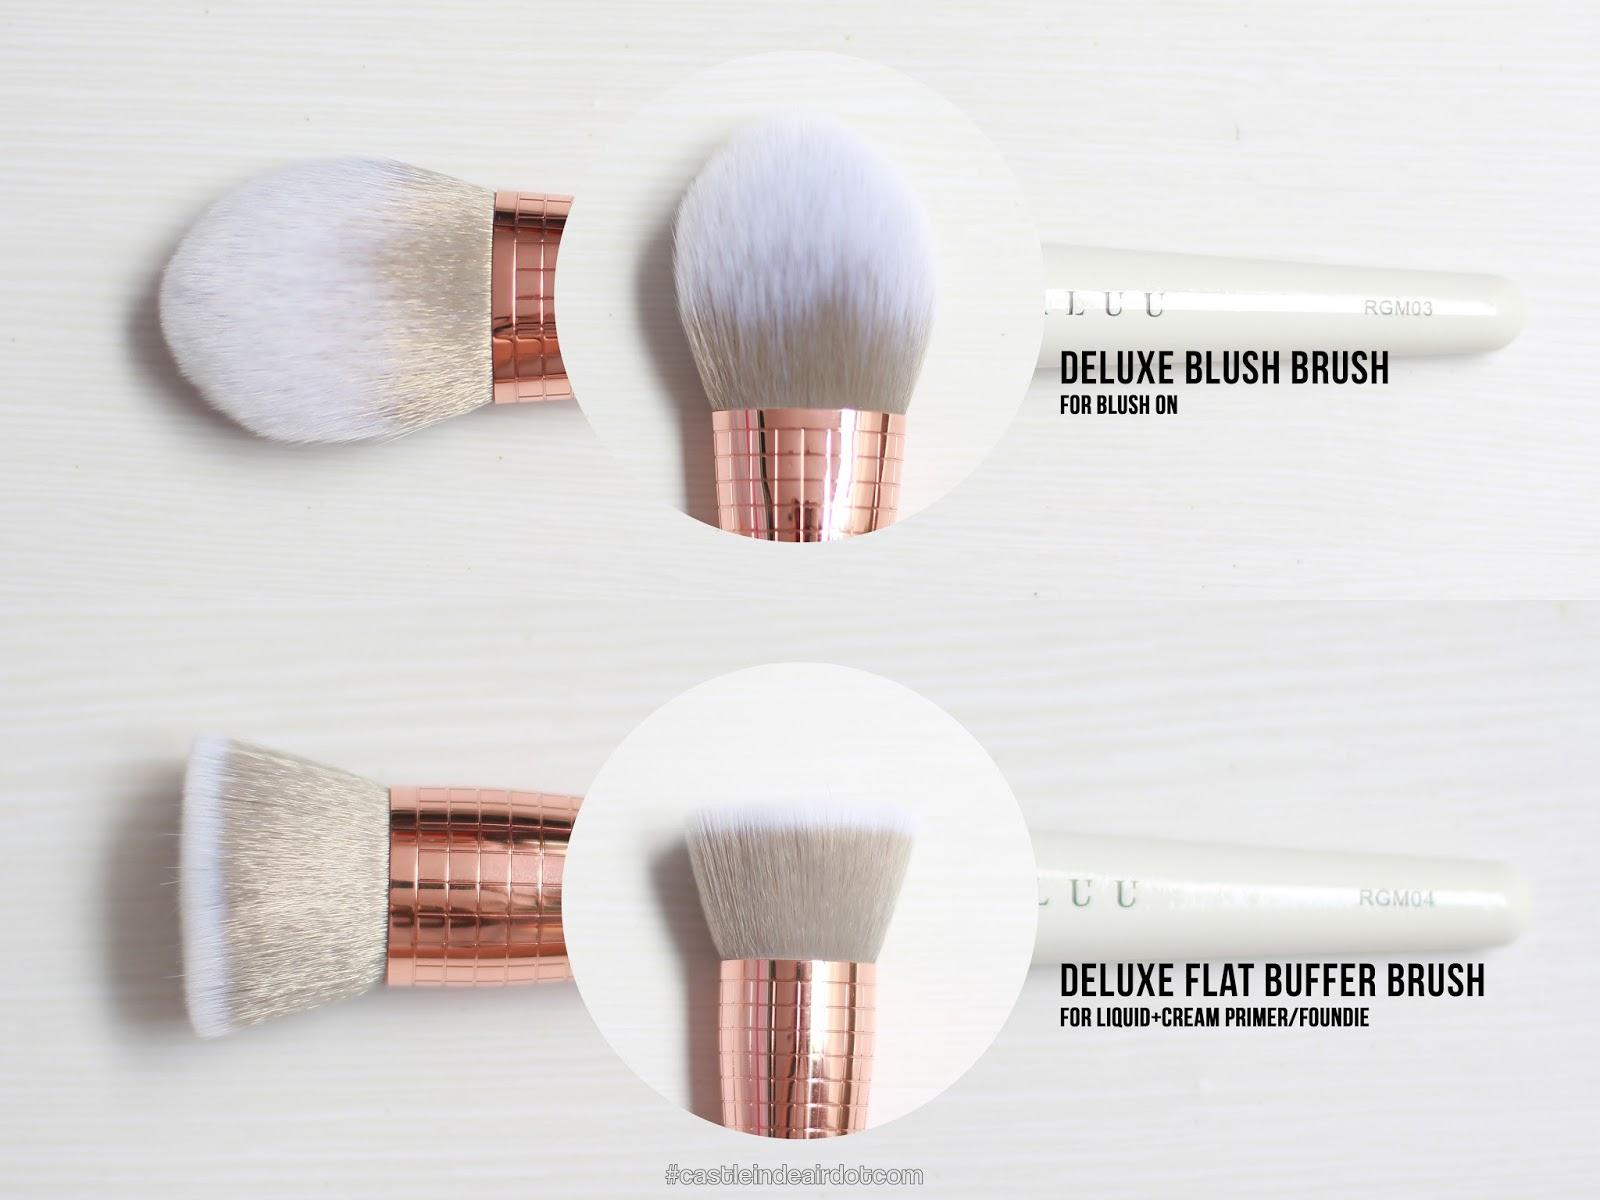 Haluu Essentials Color Swap Duo Daftar Harga Terkini Dan Terlengkap Lash Applicator Rose Gold Marble Brush Series